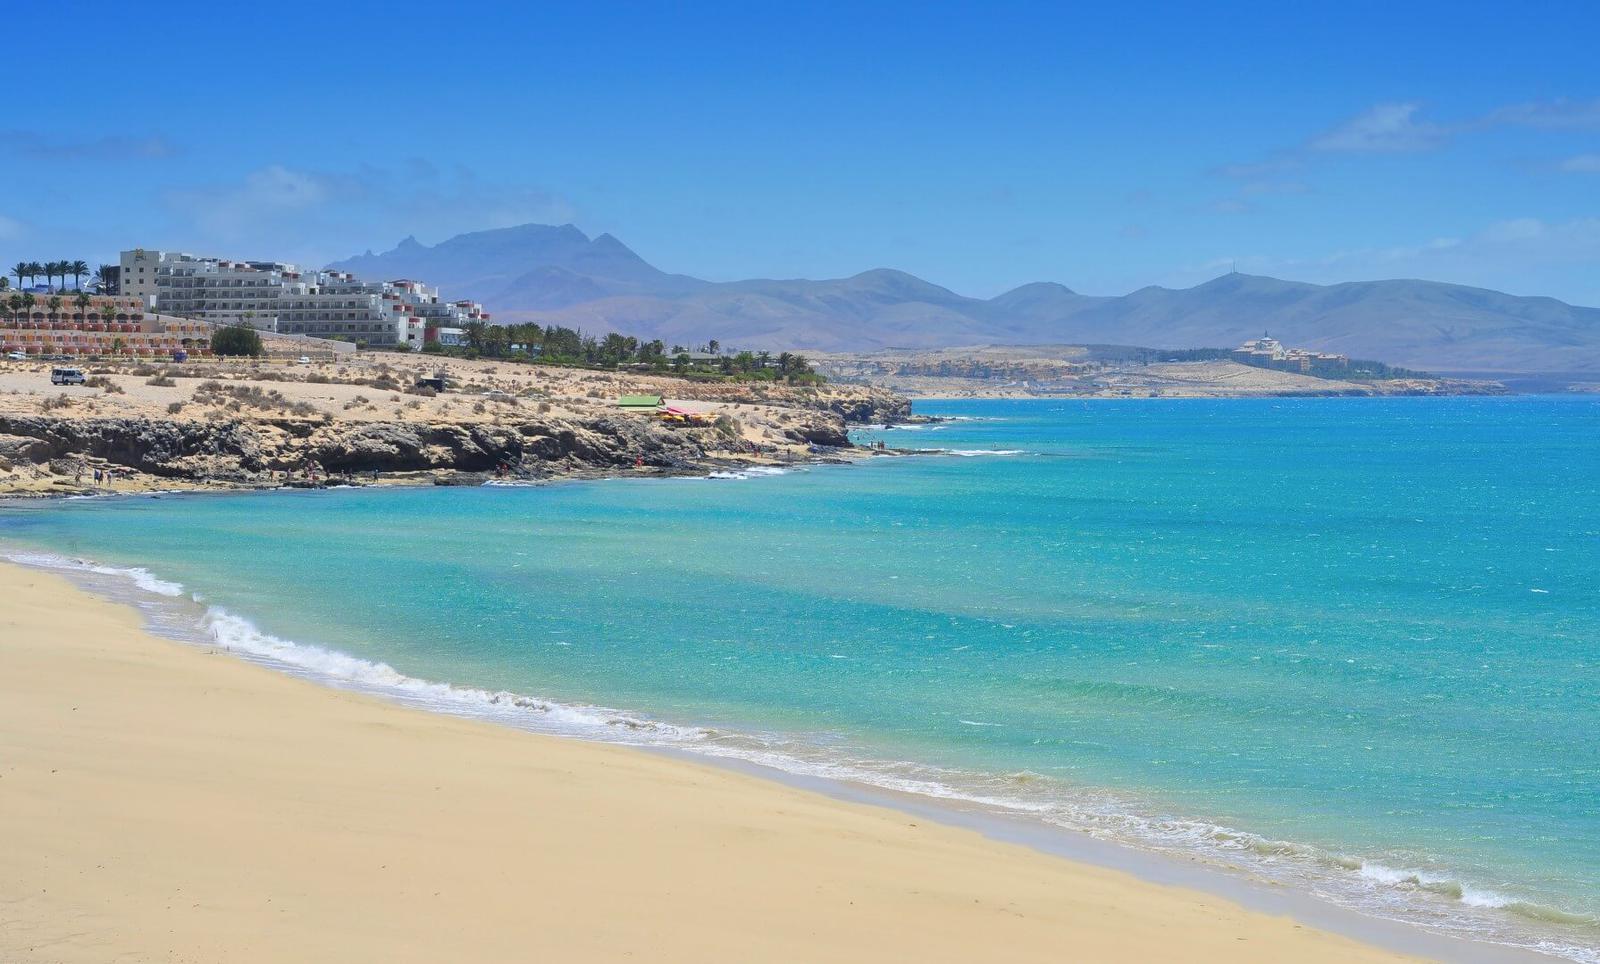 Spain_Canary Islands_Fuerteventura_Playa Esmeralda_Fotolia (1)